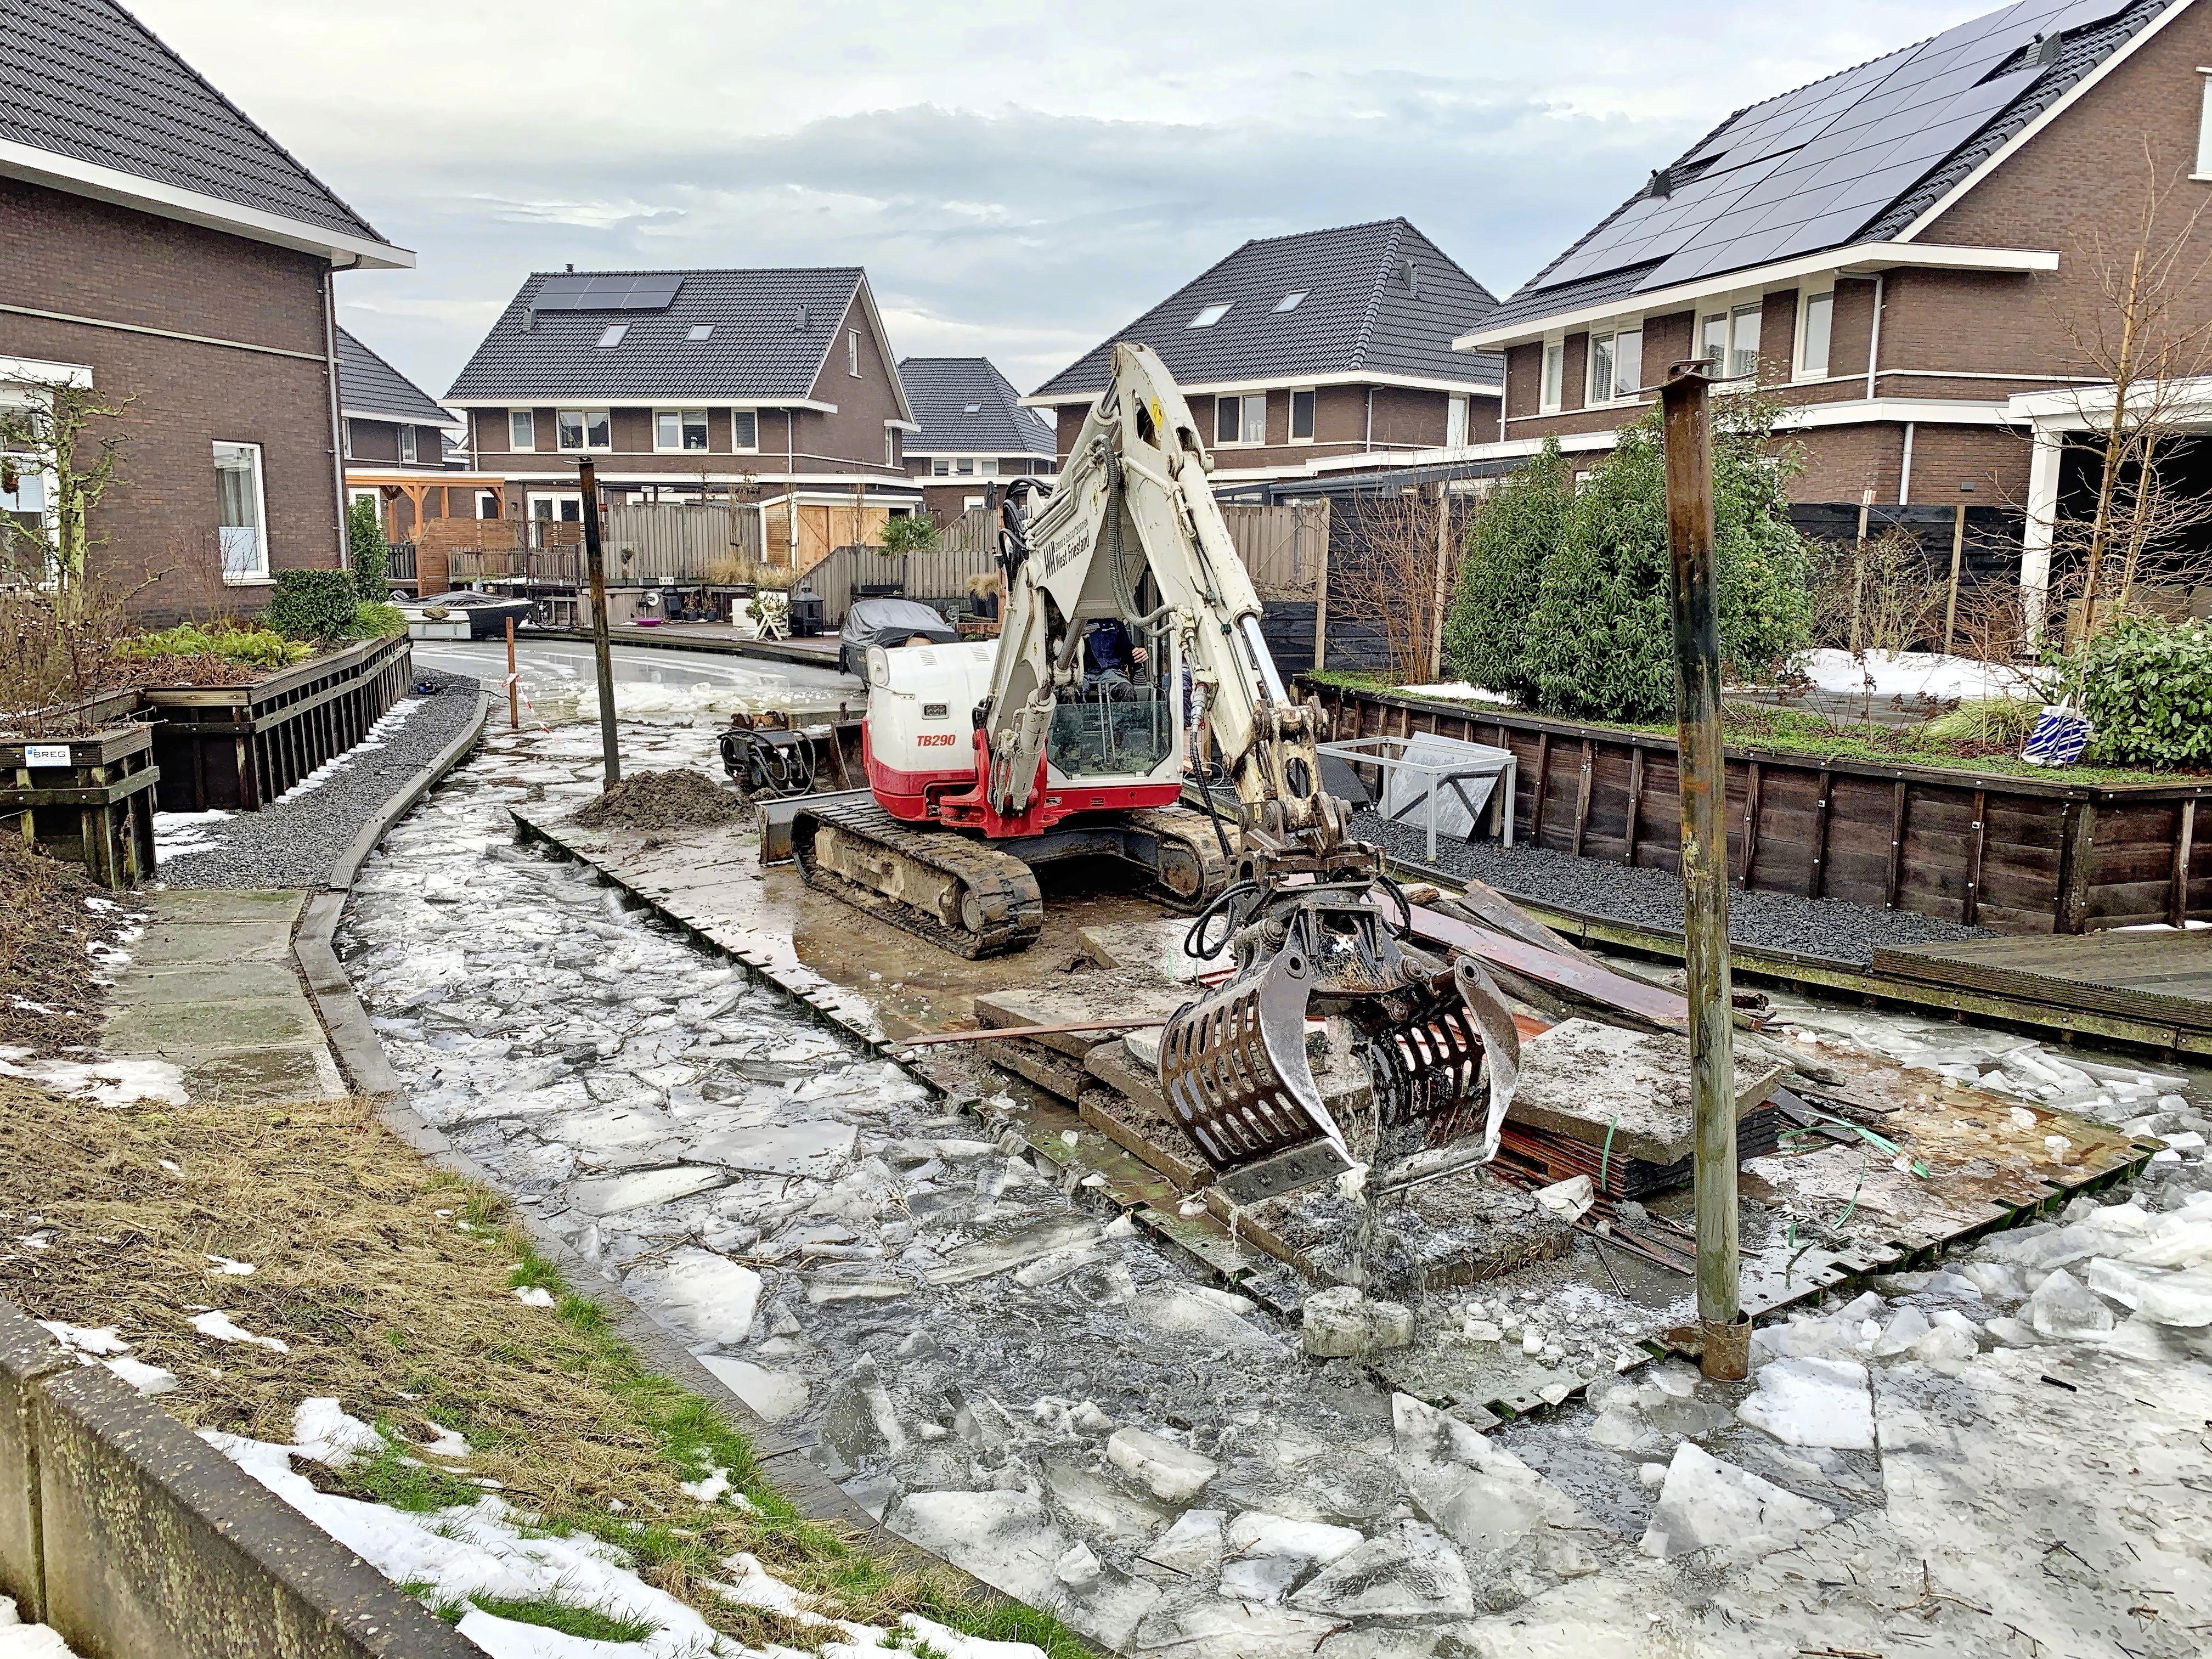 Het geluid van krakende schotsen markeert het einde van de ijspret in Grootebroeker nieuwbouwwijk